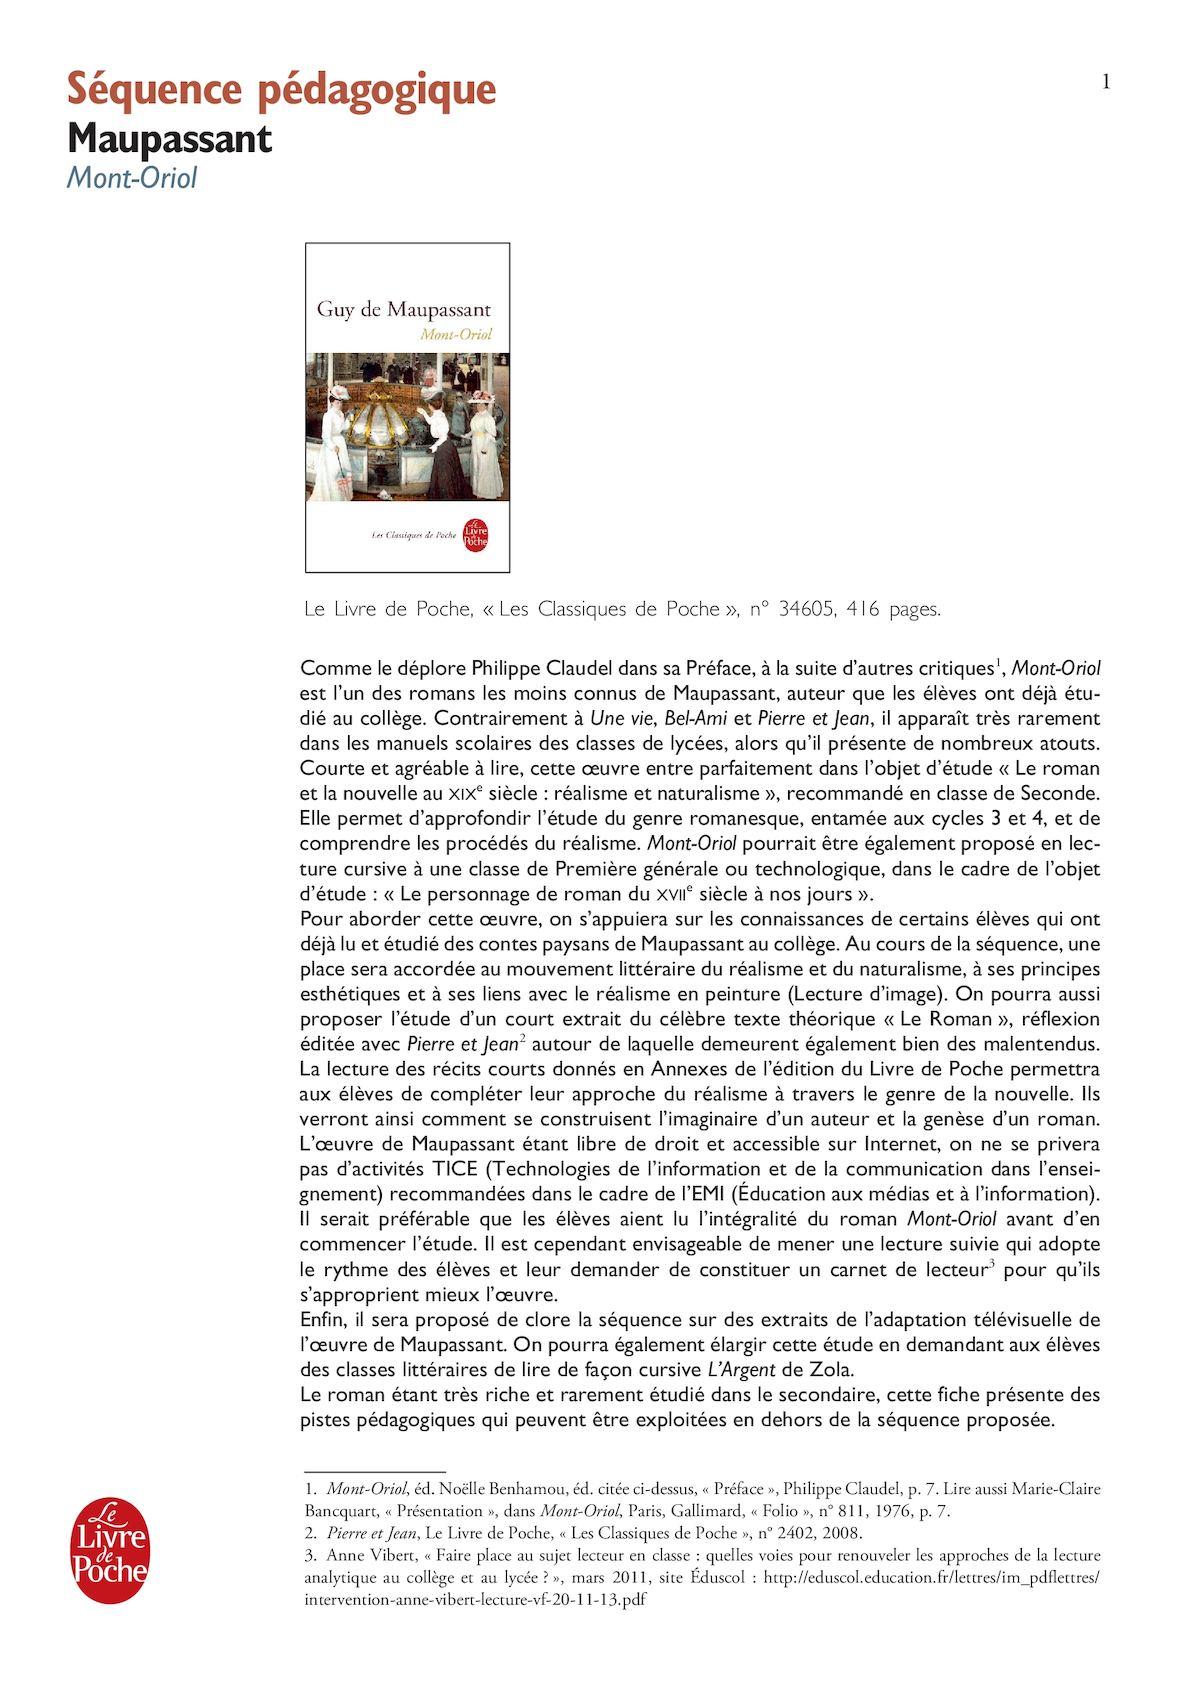 dissertation guy de maupassant dans la préface de pierre et jean affirme